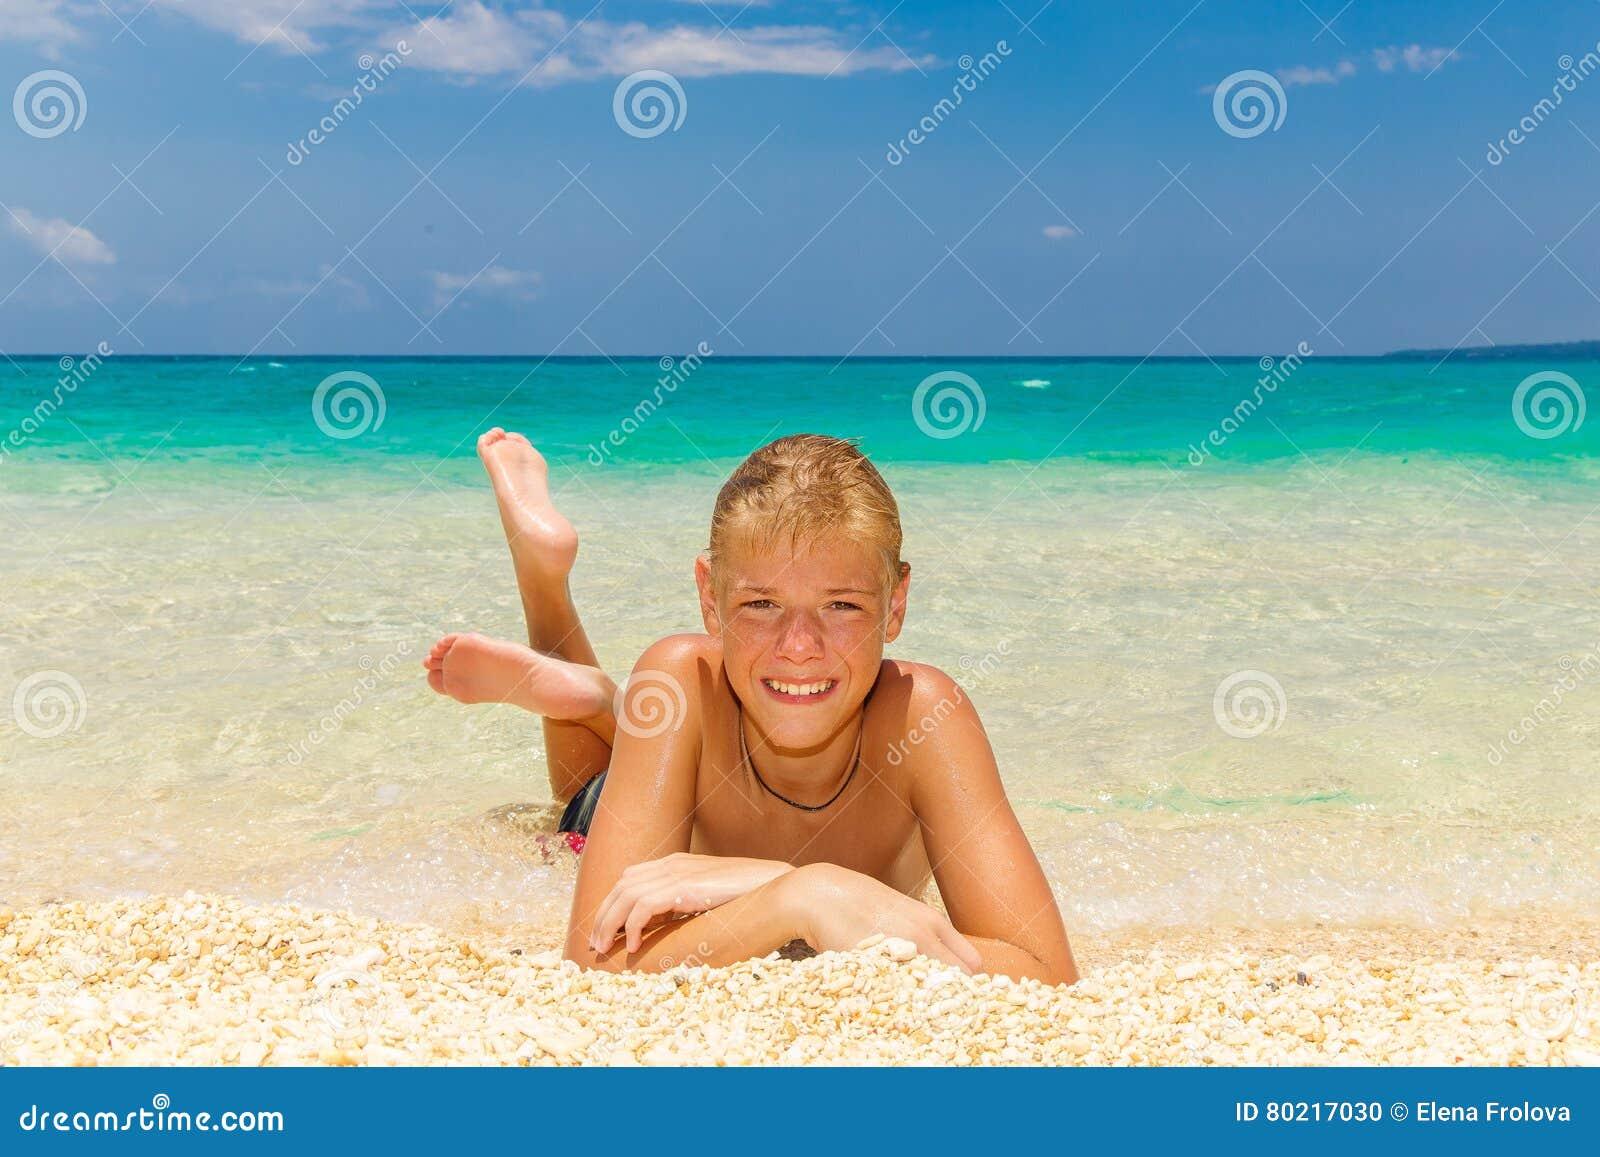 Junior nude pagents